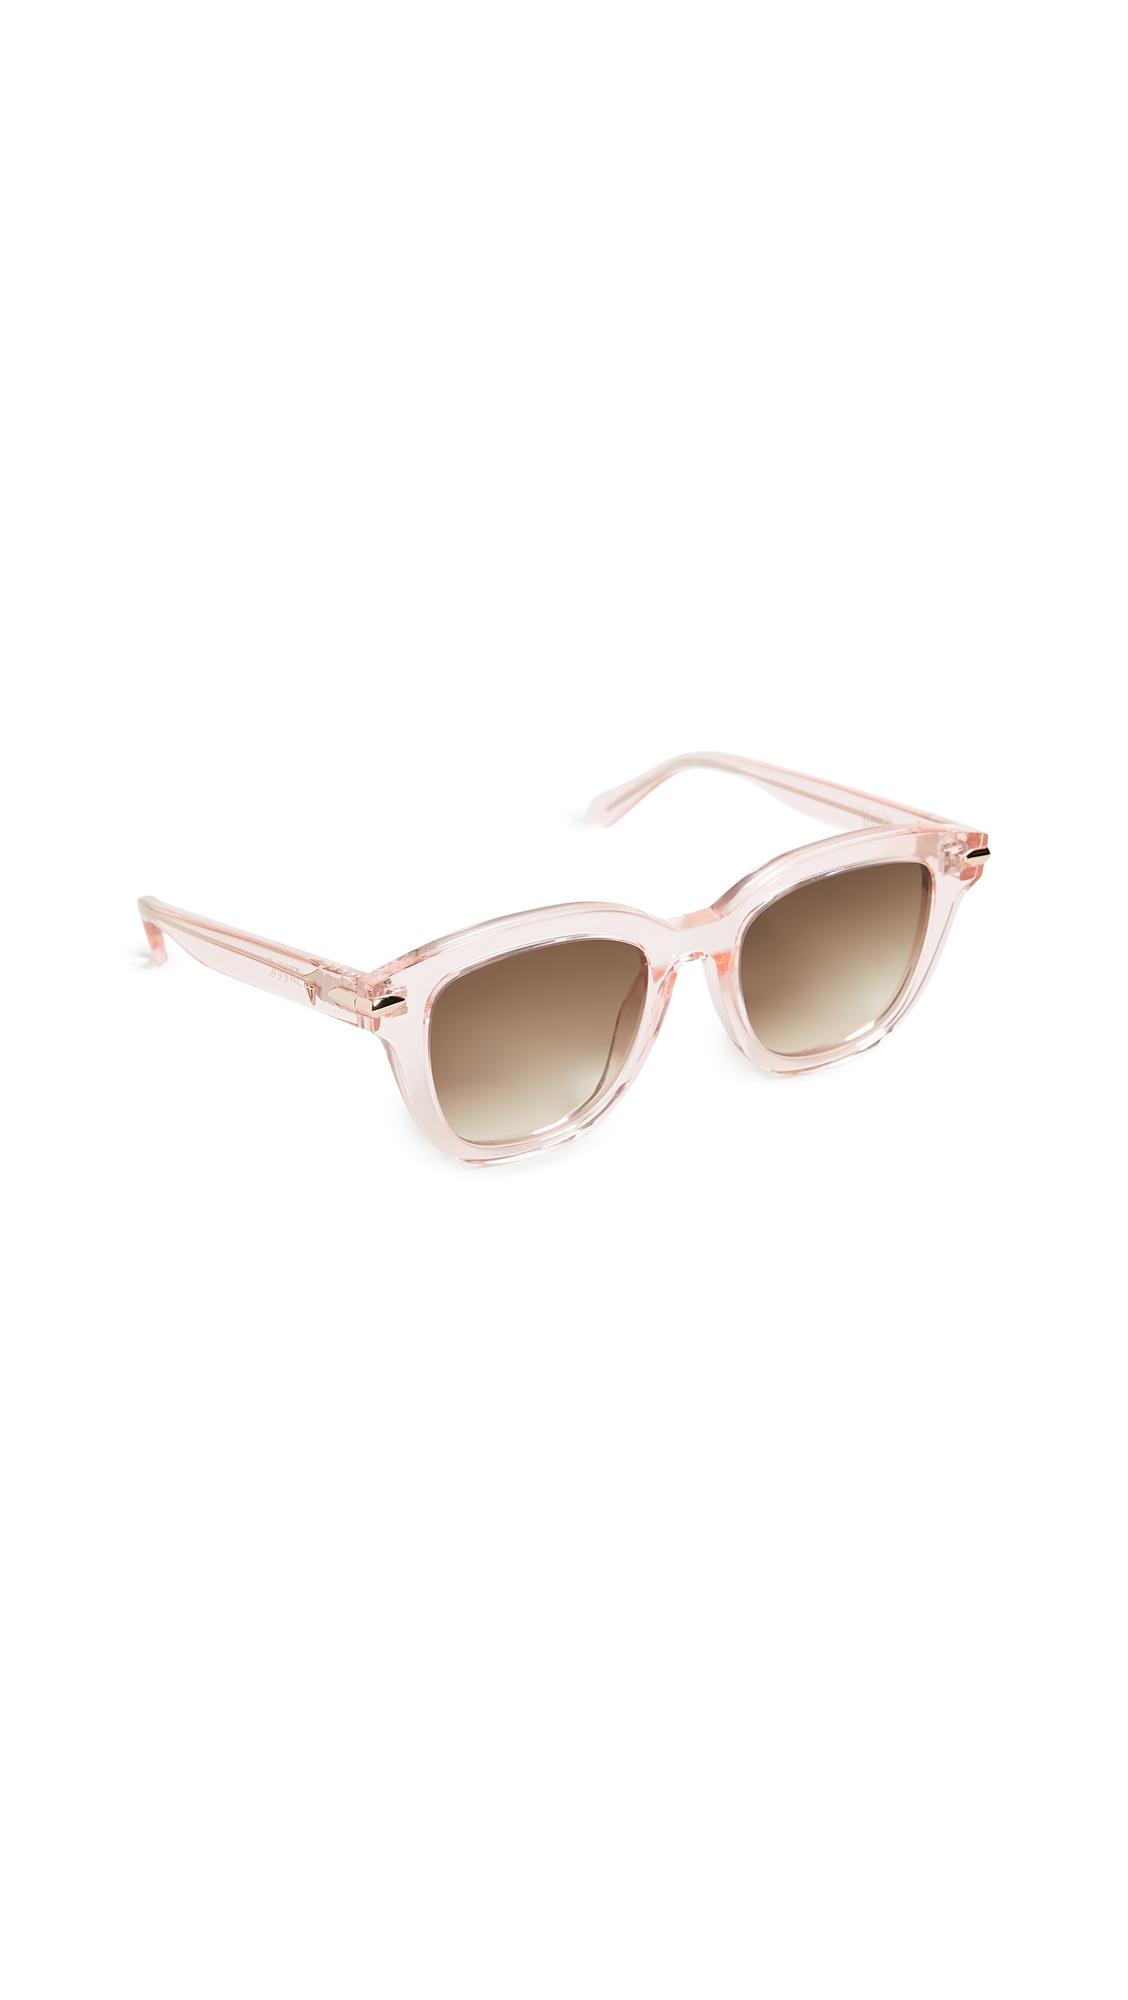 Valley Eyewear Brake Sunglasses - Crystal Pink Rose Gold/Brown